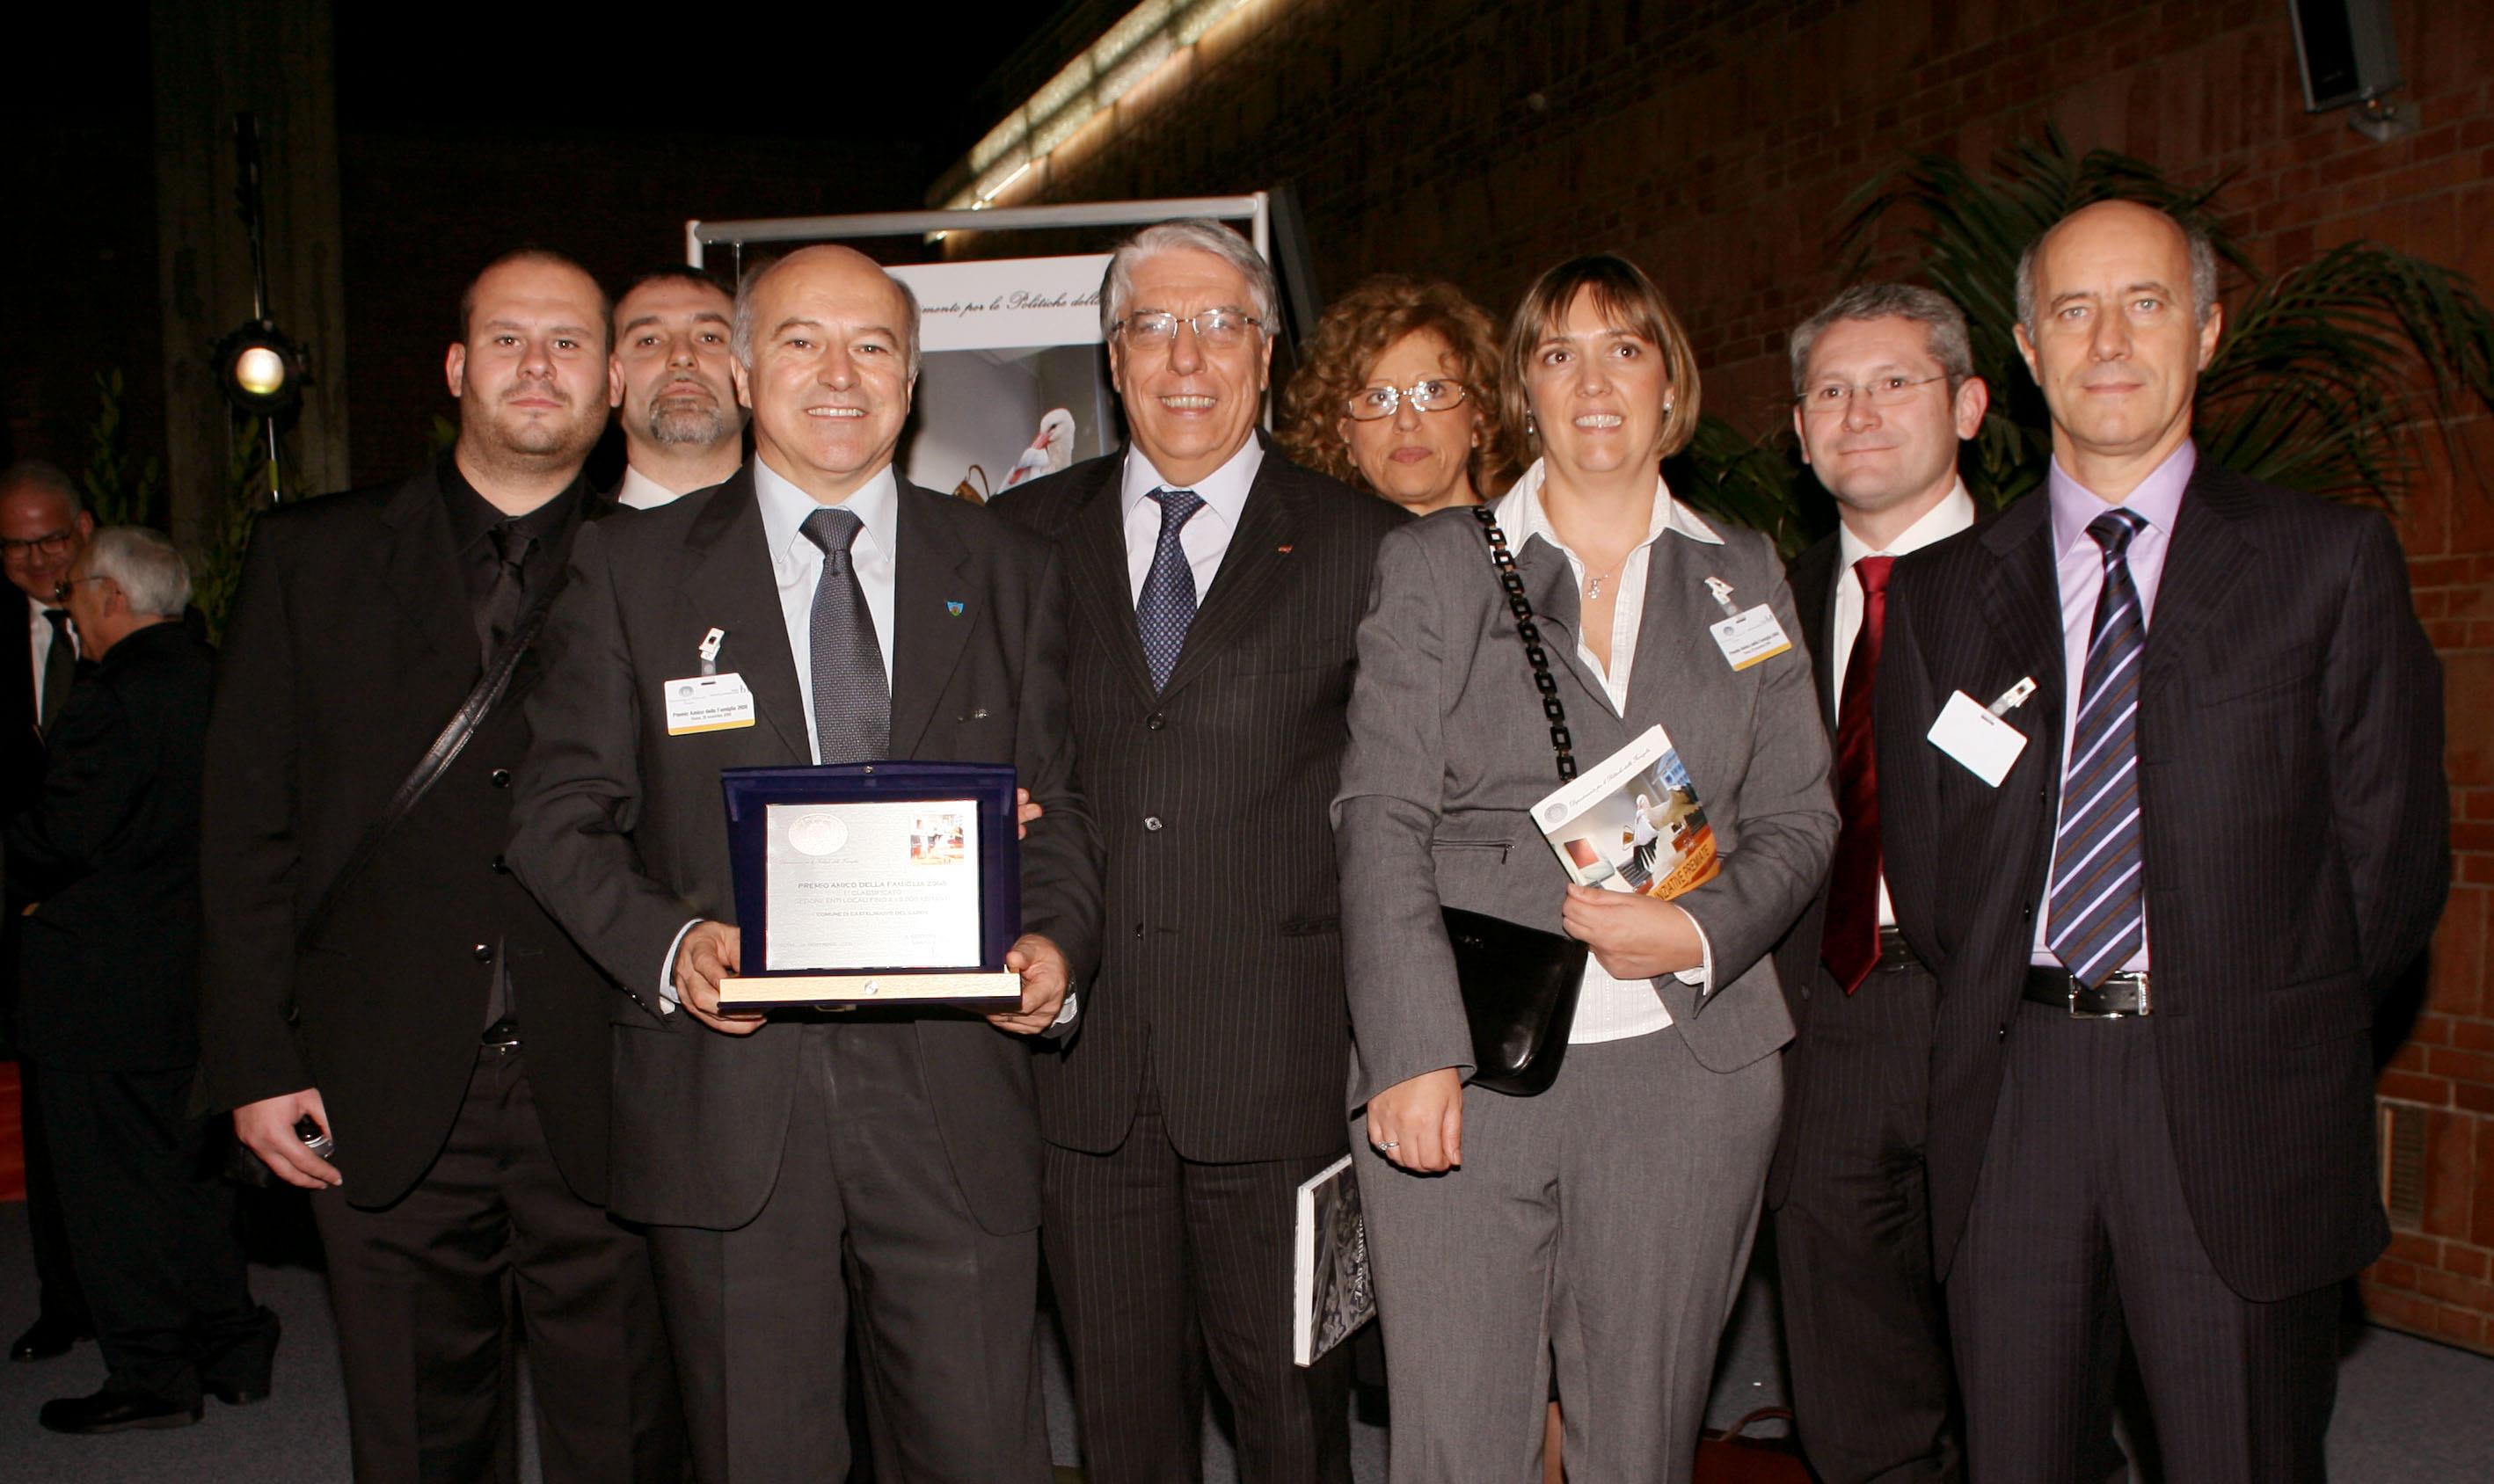 Foto di gruppo per il premio Amico della Famiglia